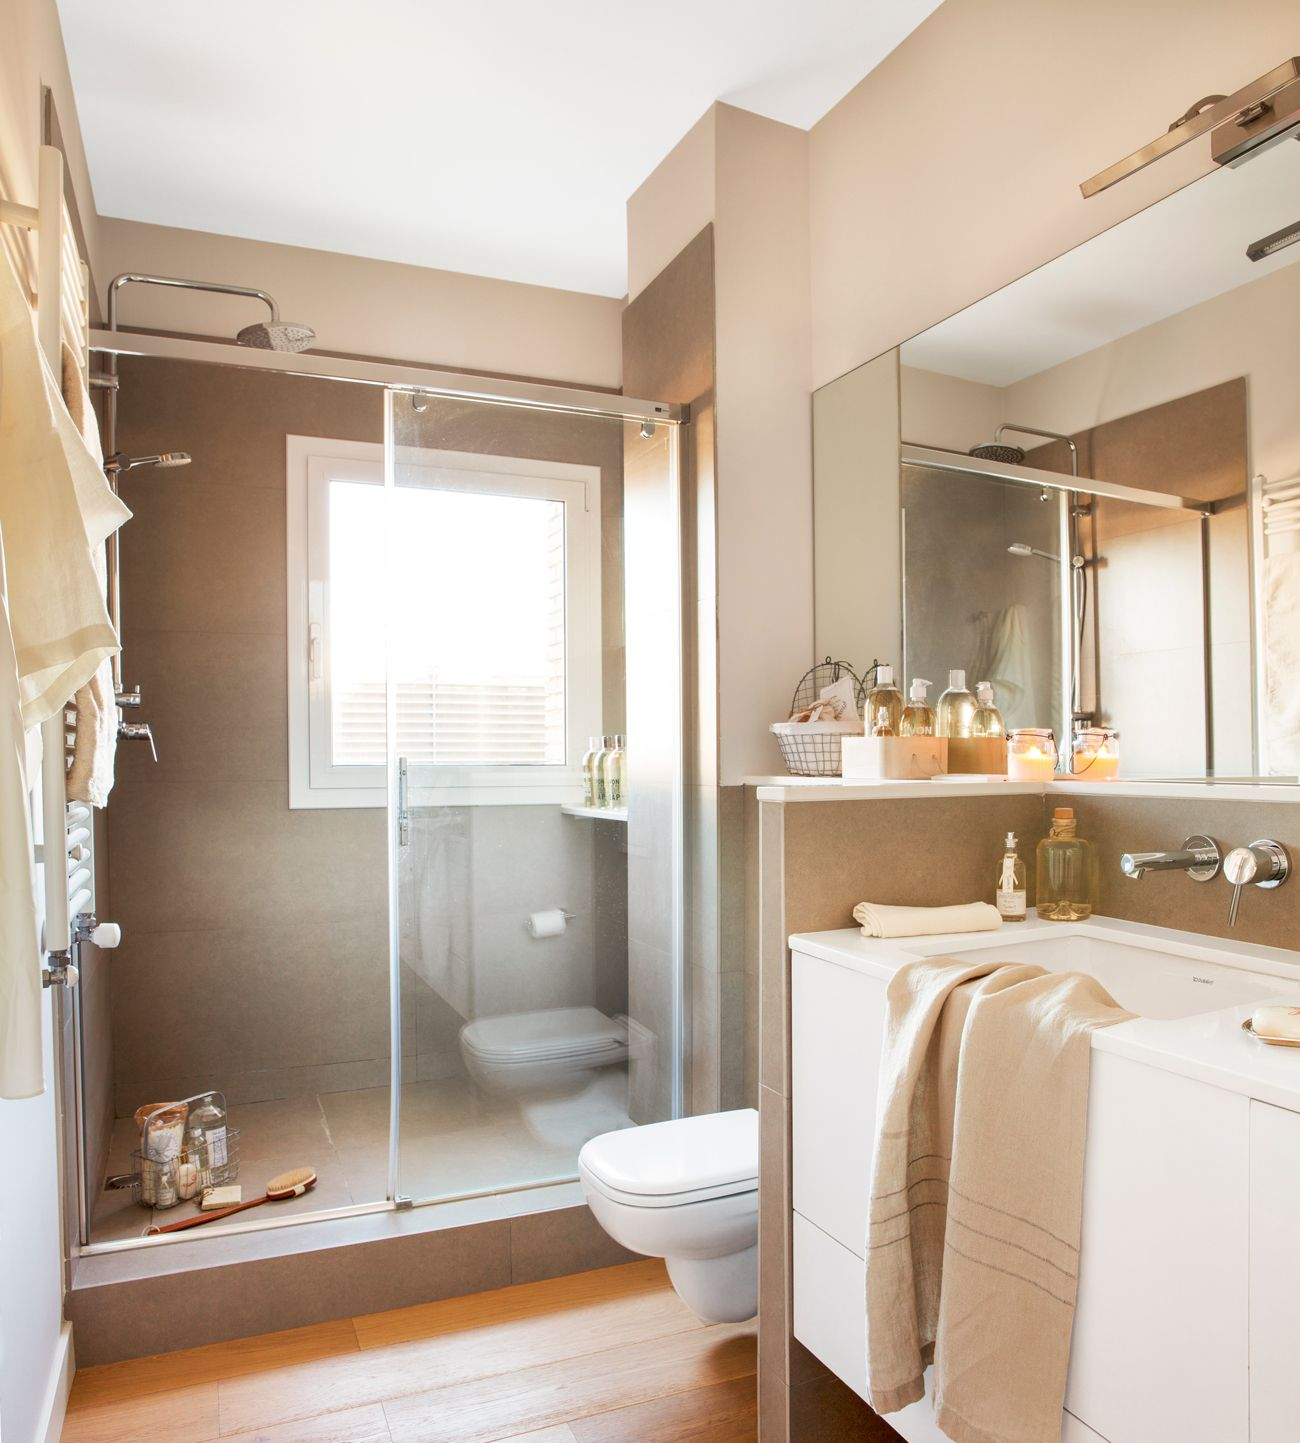 Radiador toallero en la pared inodoro separar y ba o for Toallero para ducha